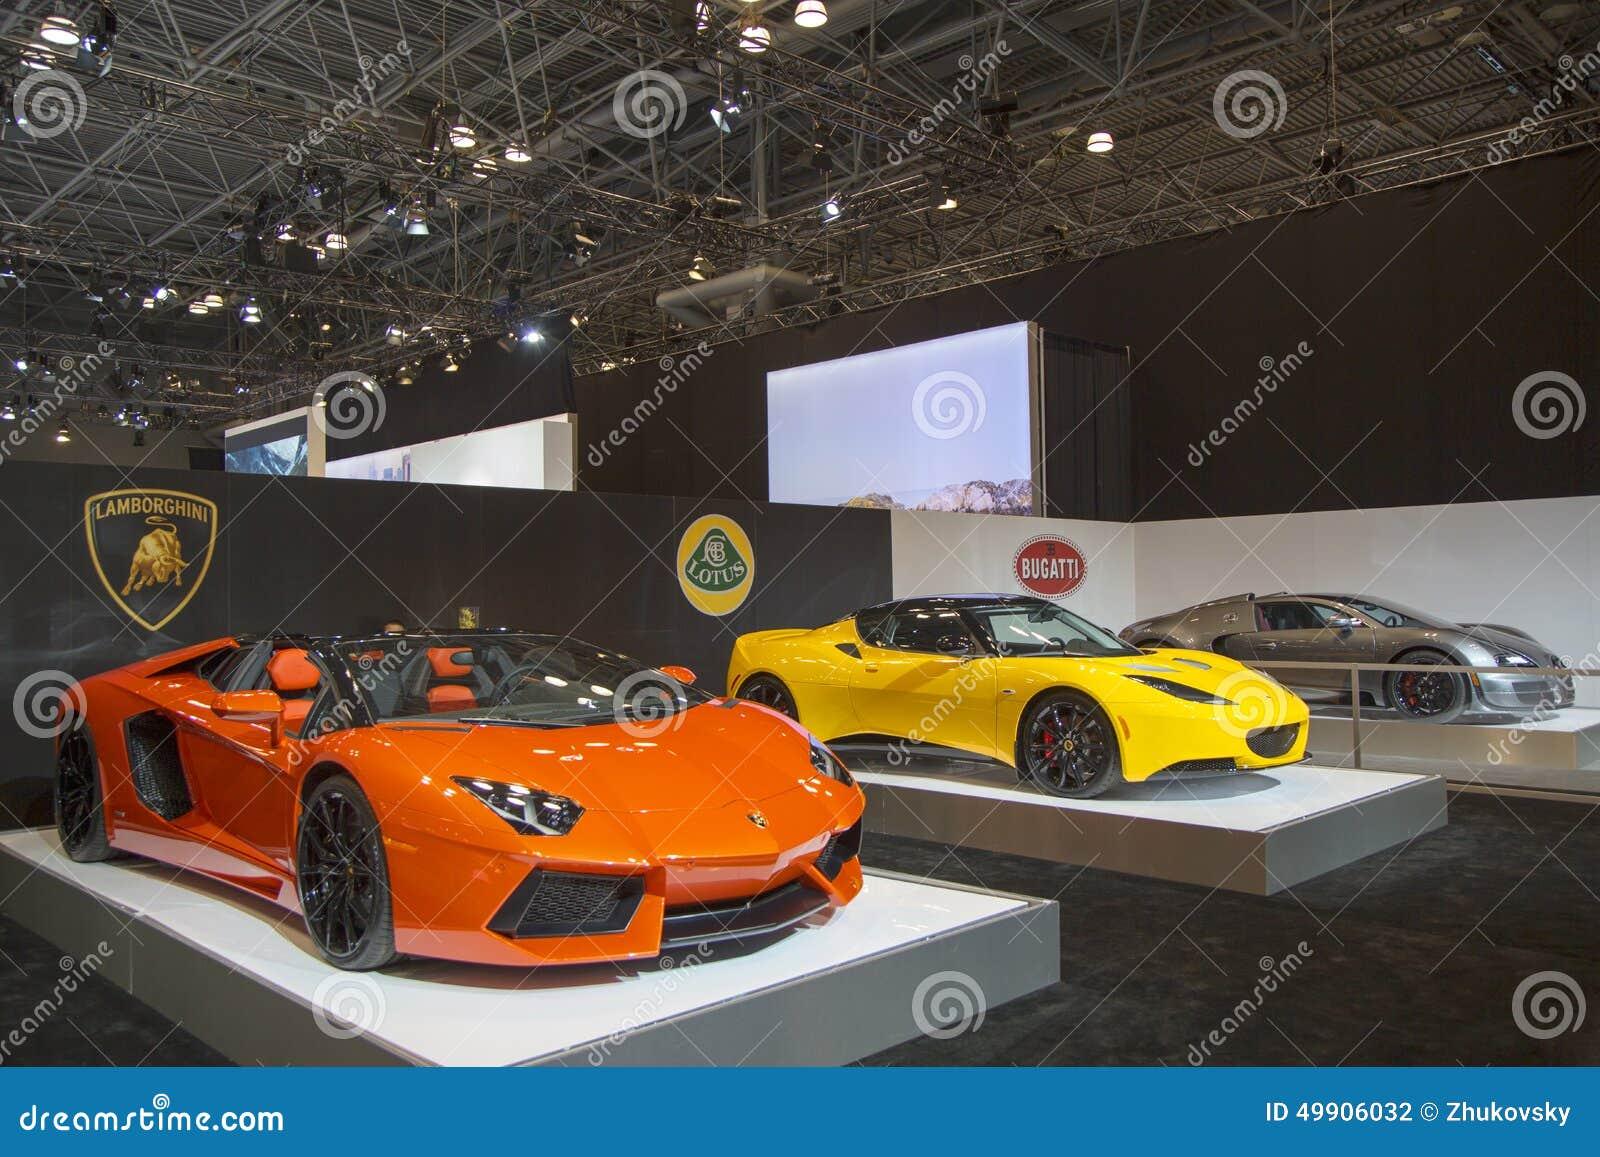 Lamborghini Lotus And Bugatti Luxury Sport Cars Editorial